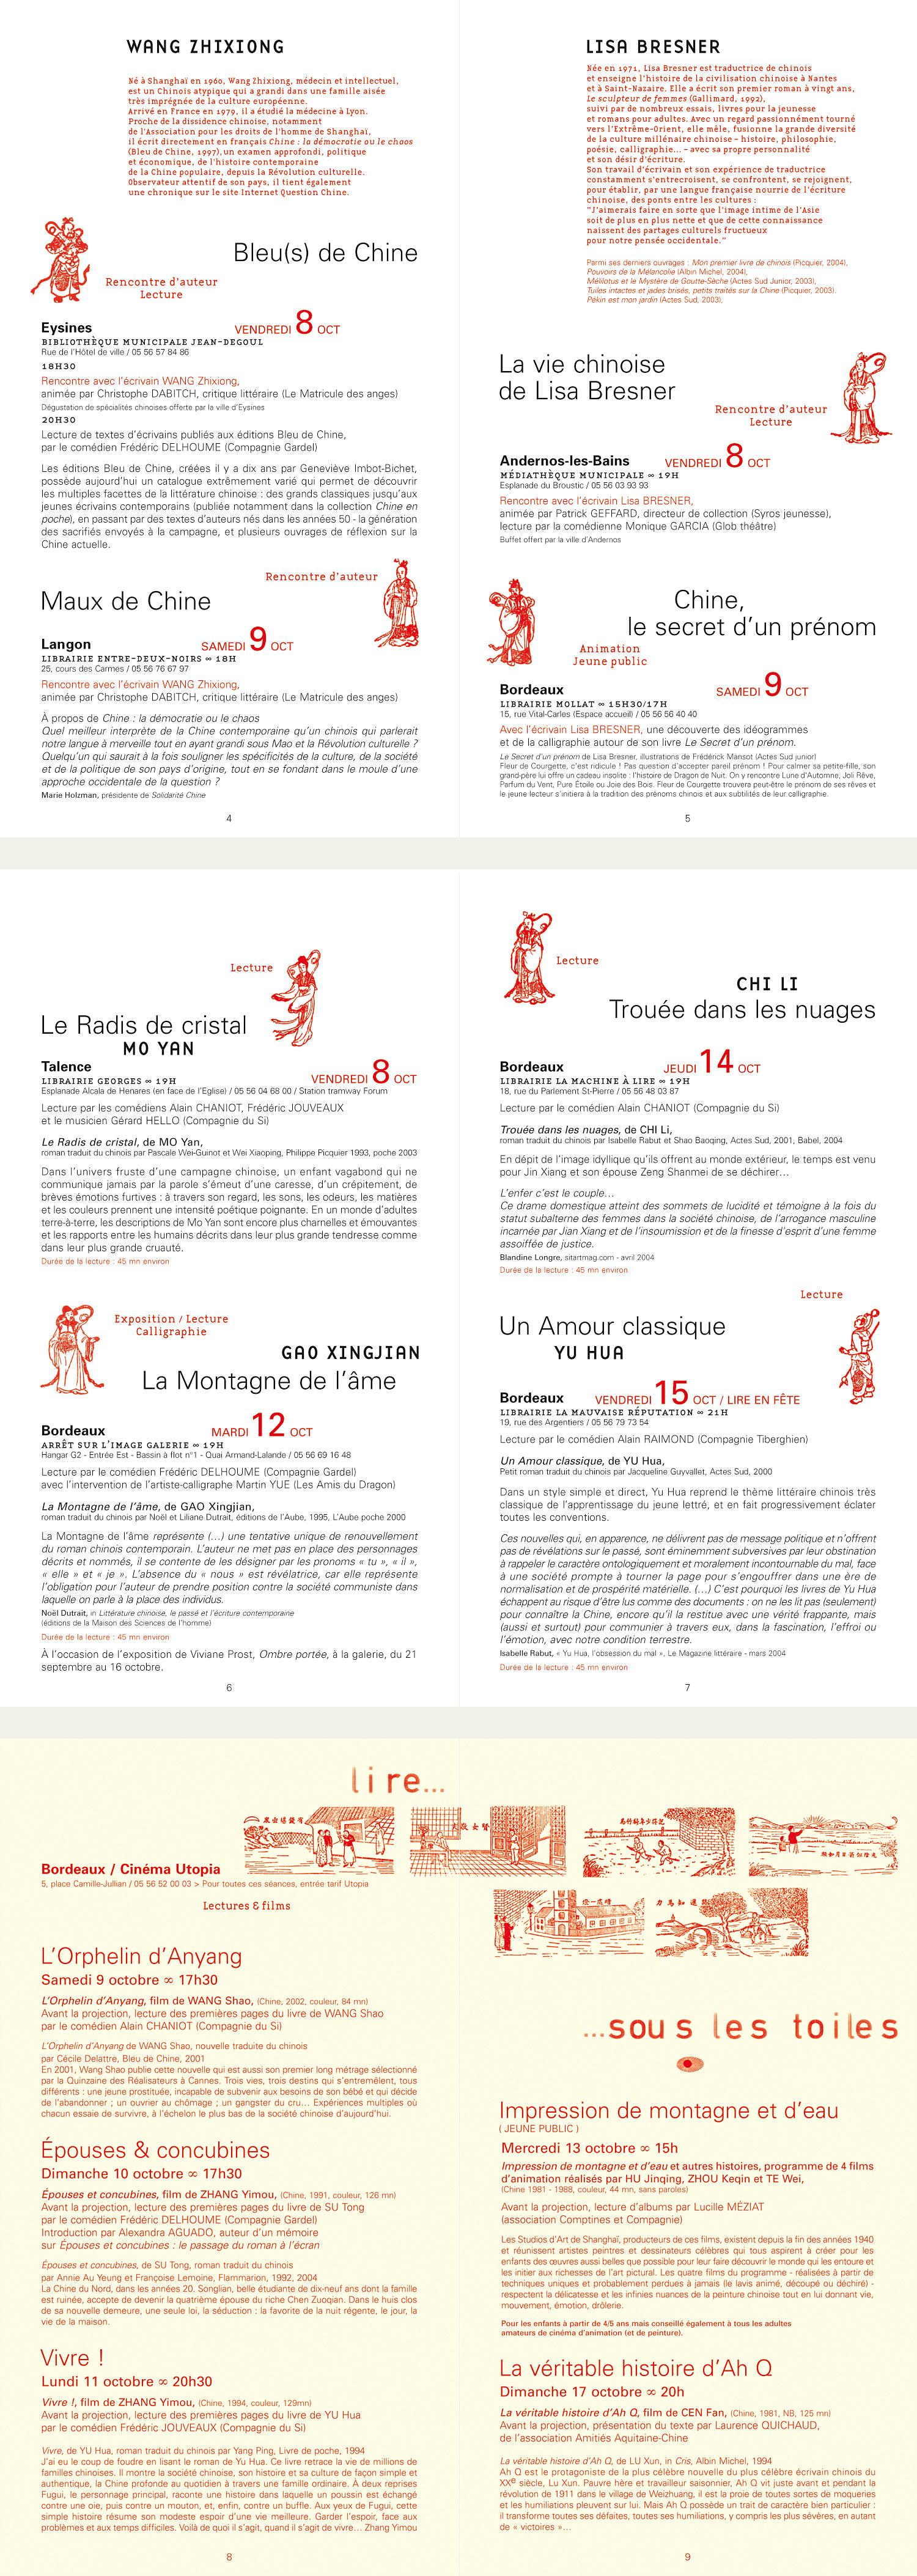 MrThornill-graphisme-lettresmonde-france-chine-detours-promenades-2004-ph3